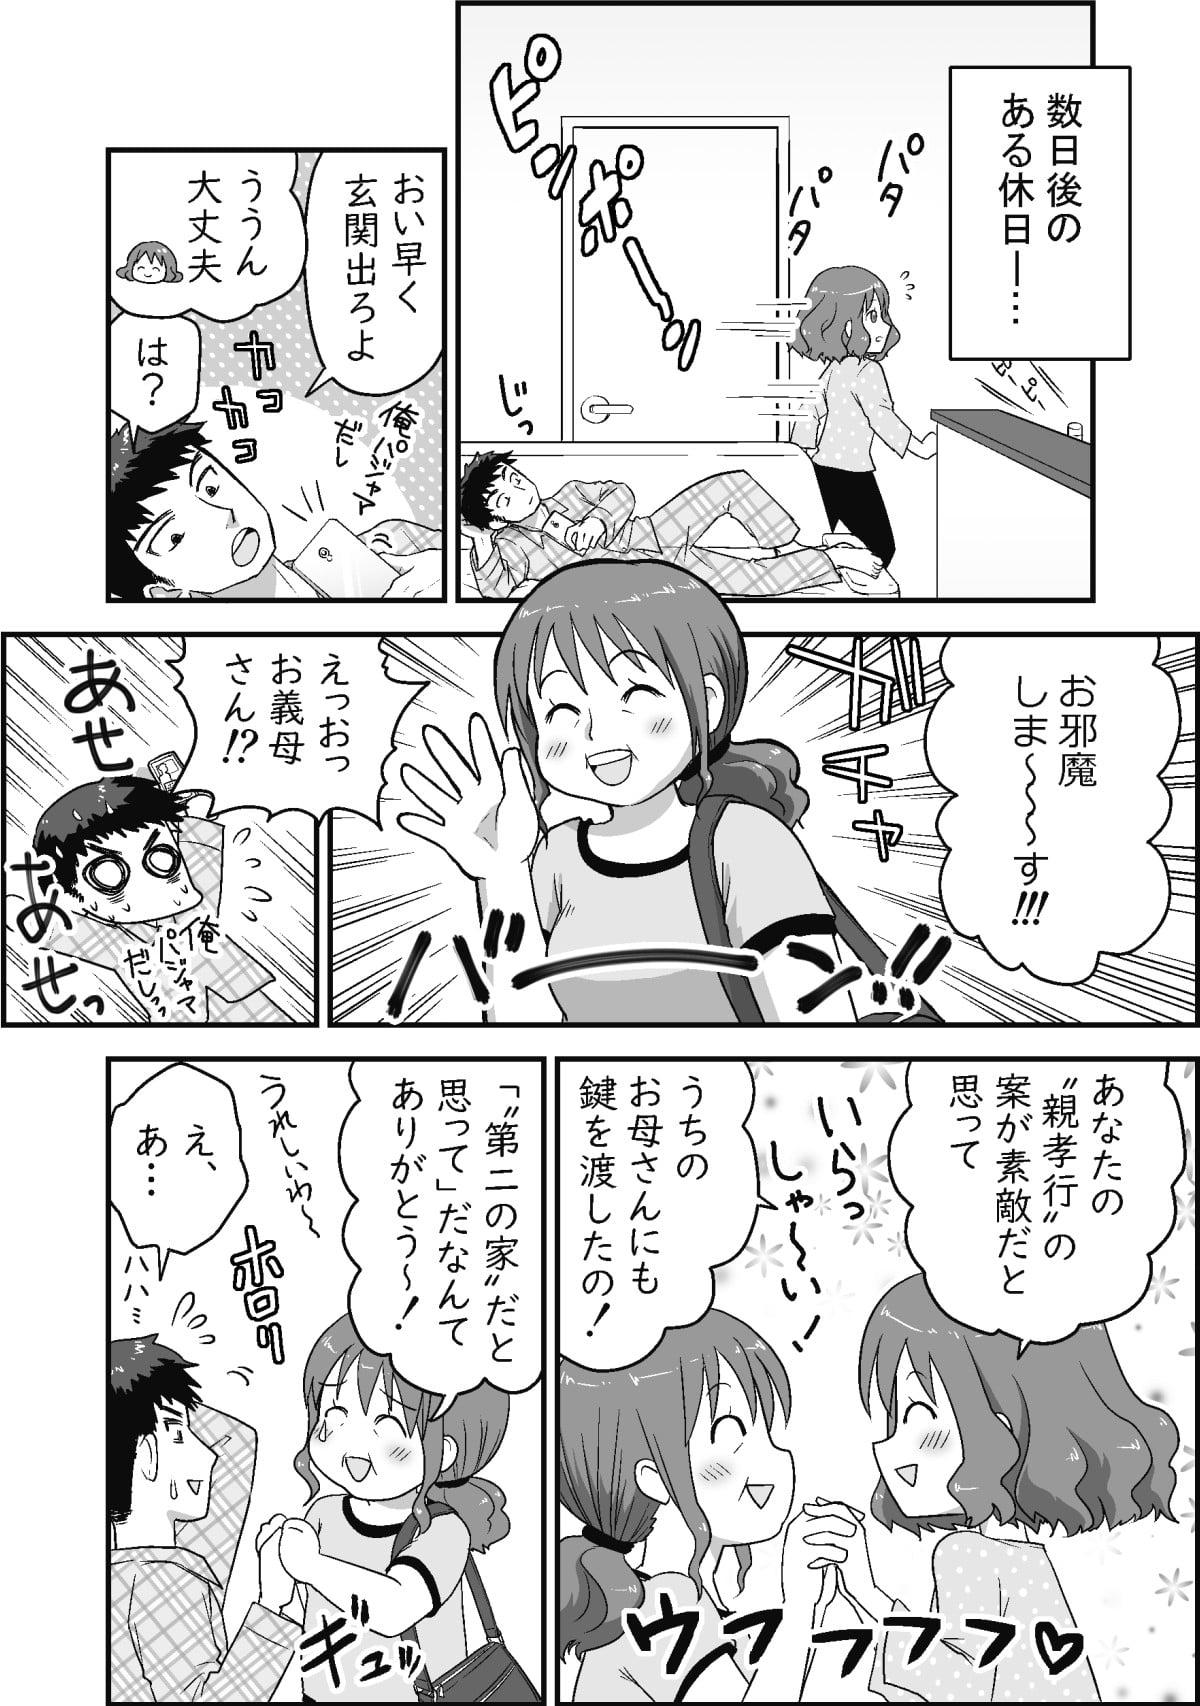 【後編】旦那が義母に合鍵を渡していた!02